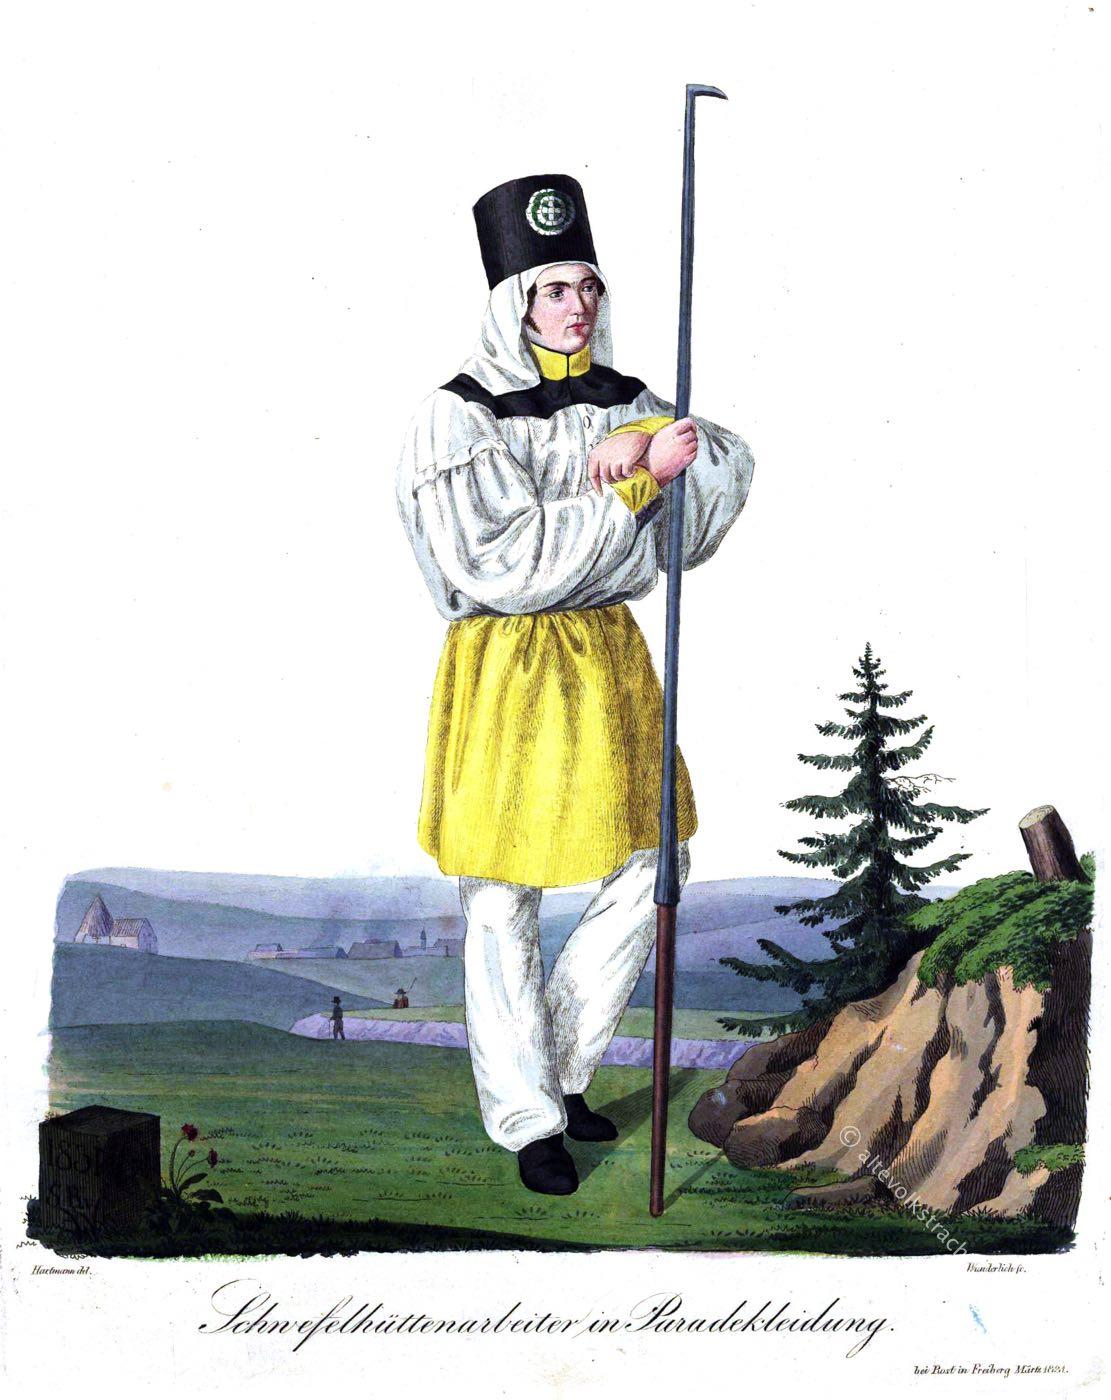 Schwefelhüttenarbeiter, Paradekleidung, Paradetracht, Freiberg, Sachsen, Trachten, Bergarbeiter, Bergmann, Hüttenmann,